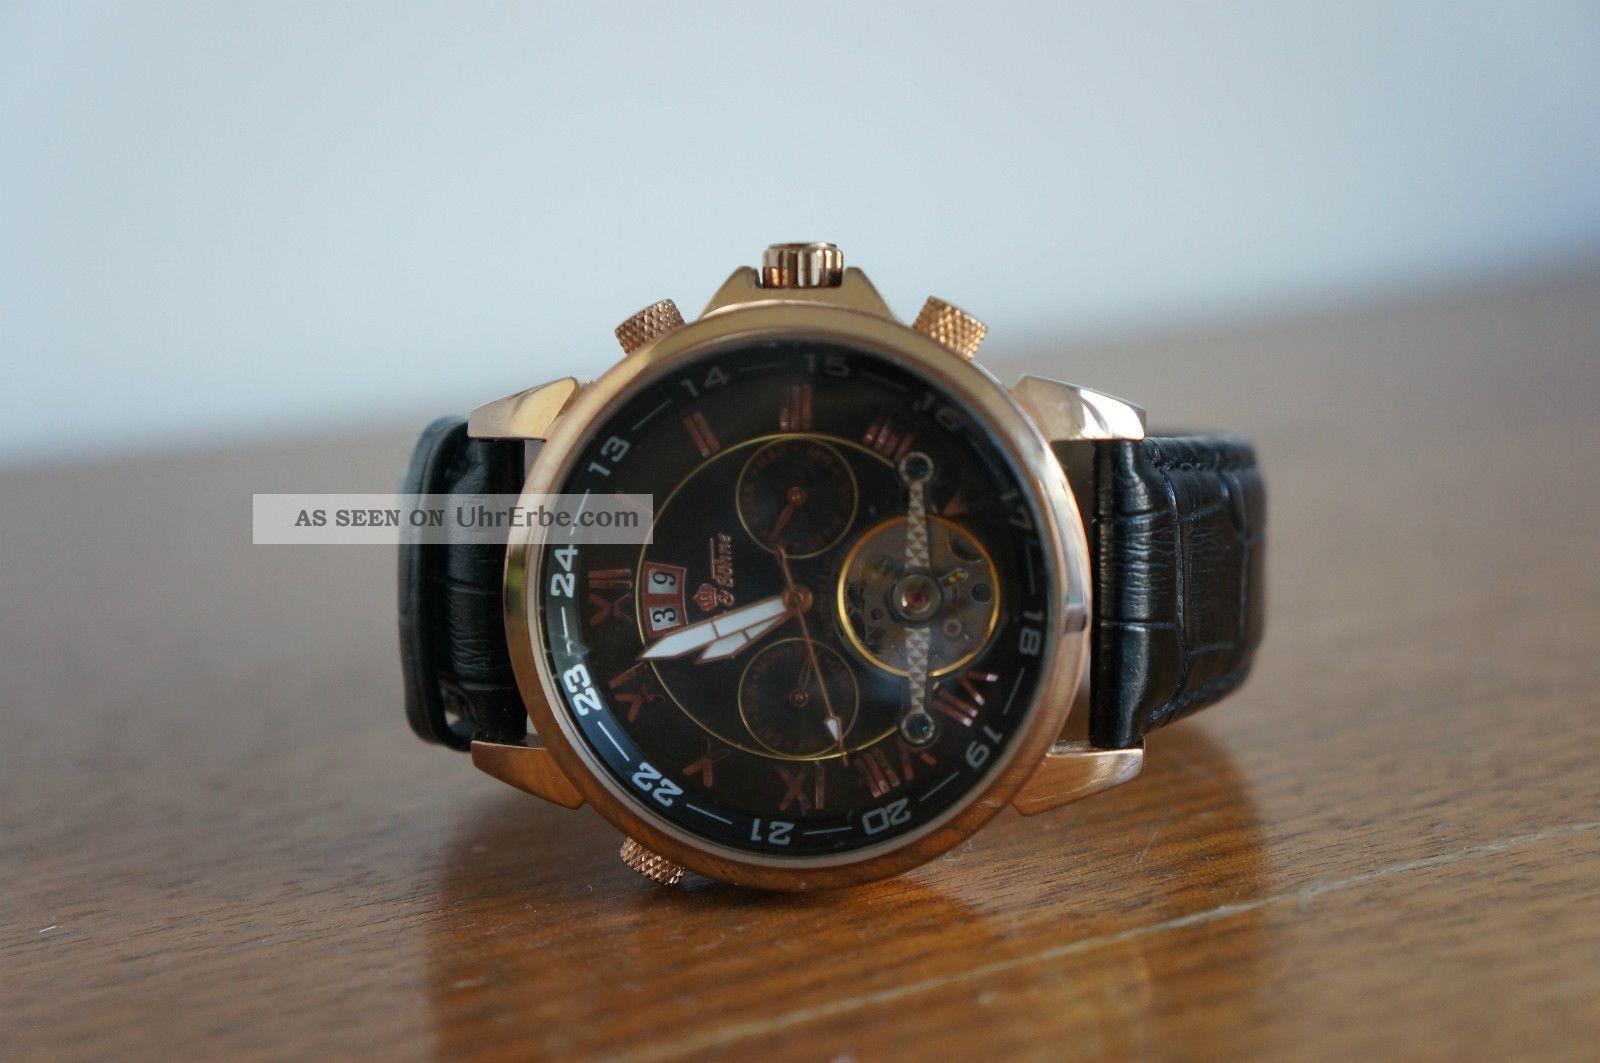 Ivens & Söhne Automatik Uhr,  Edelstahl,  Wasserdicht,  Aber Gut Erhalten Armbanduhren Bild